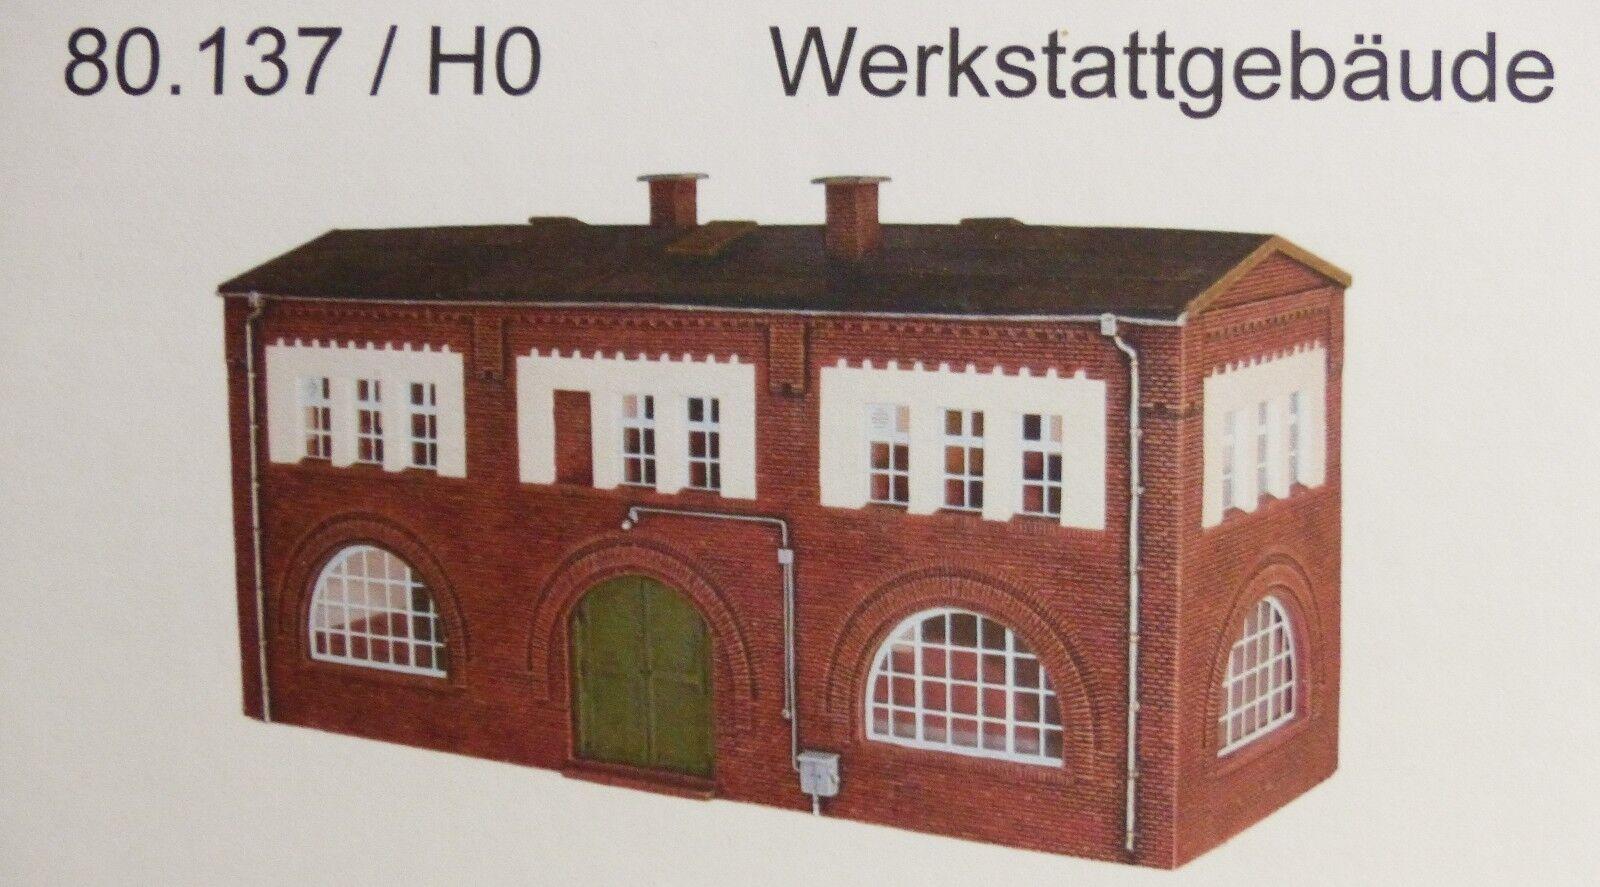 Artmaster 80.137 Werkstattgebäude  H0 1 87 Neu   OVP